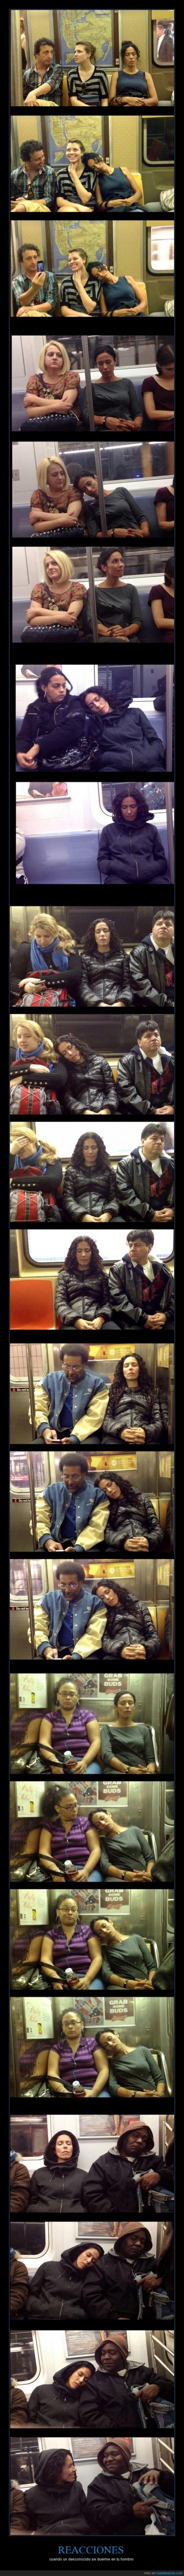 dormir,hombro,metro,mujer,NYC,personas,reacciones